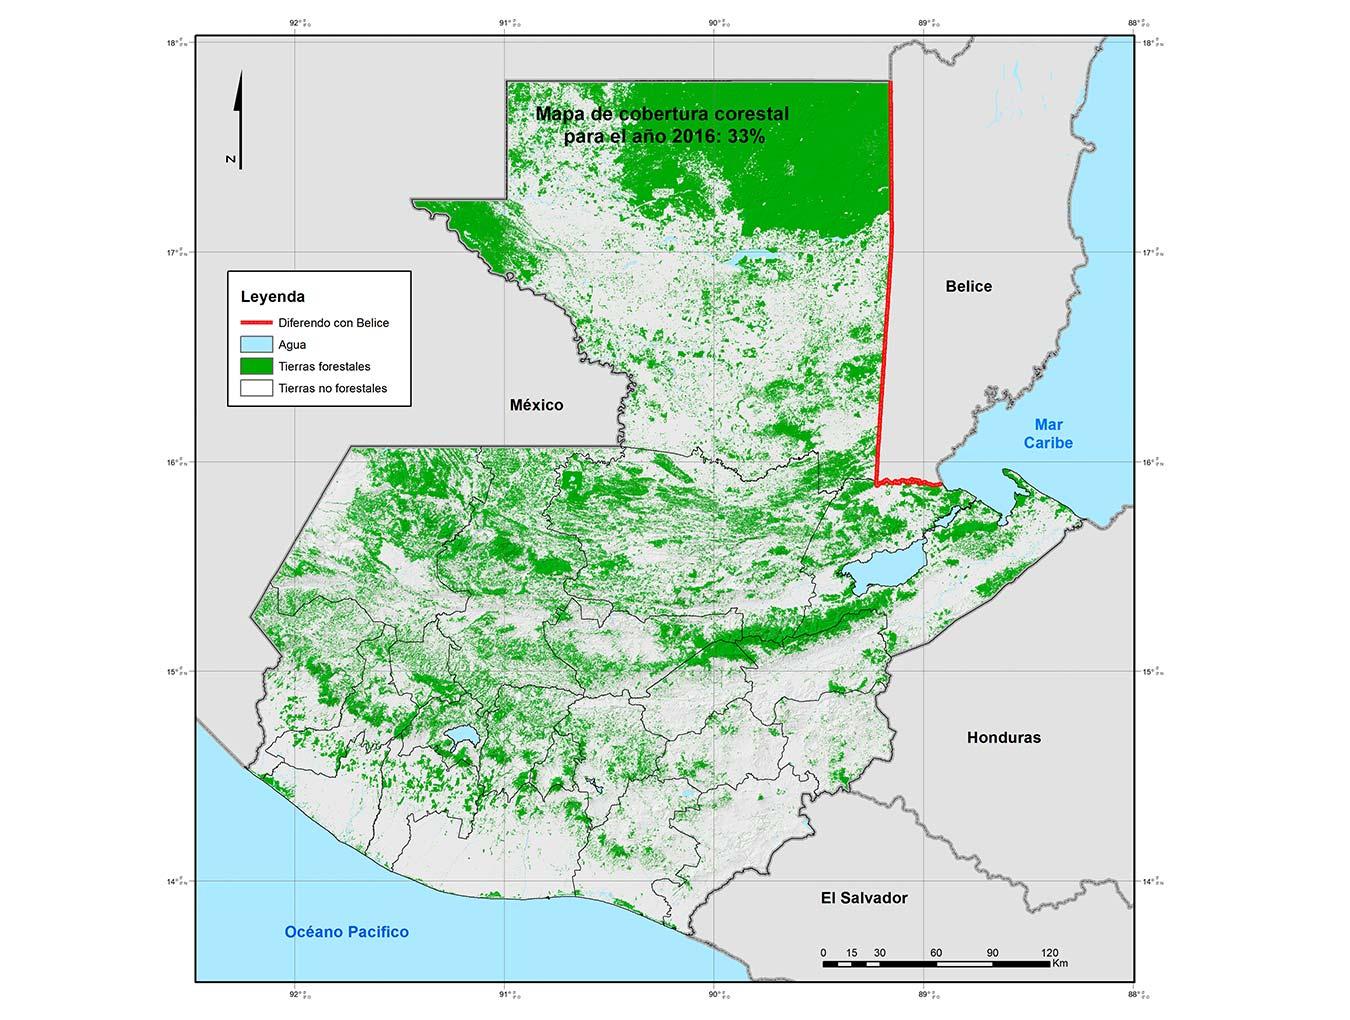 Monitoreo de la cobertura boscosa y usos de la tierra